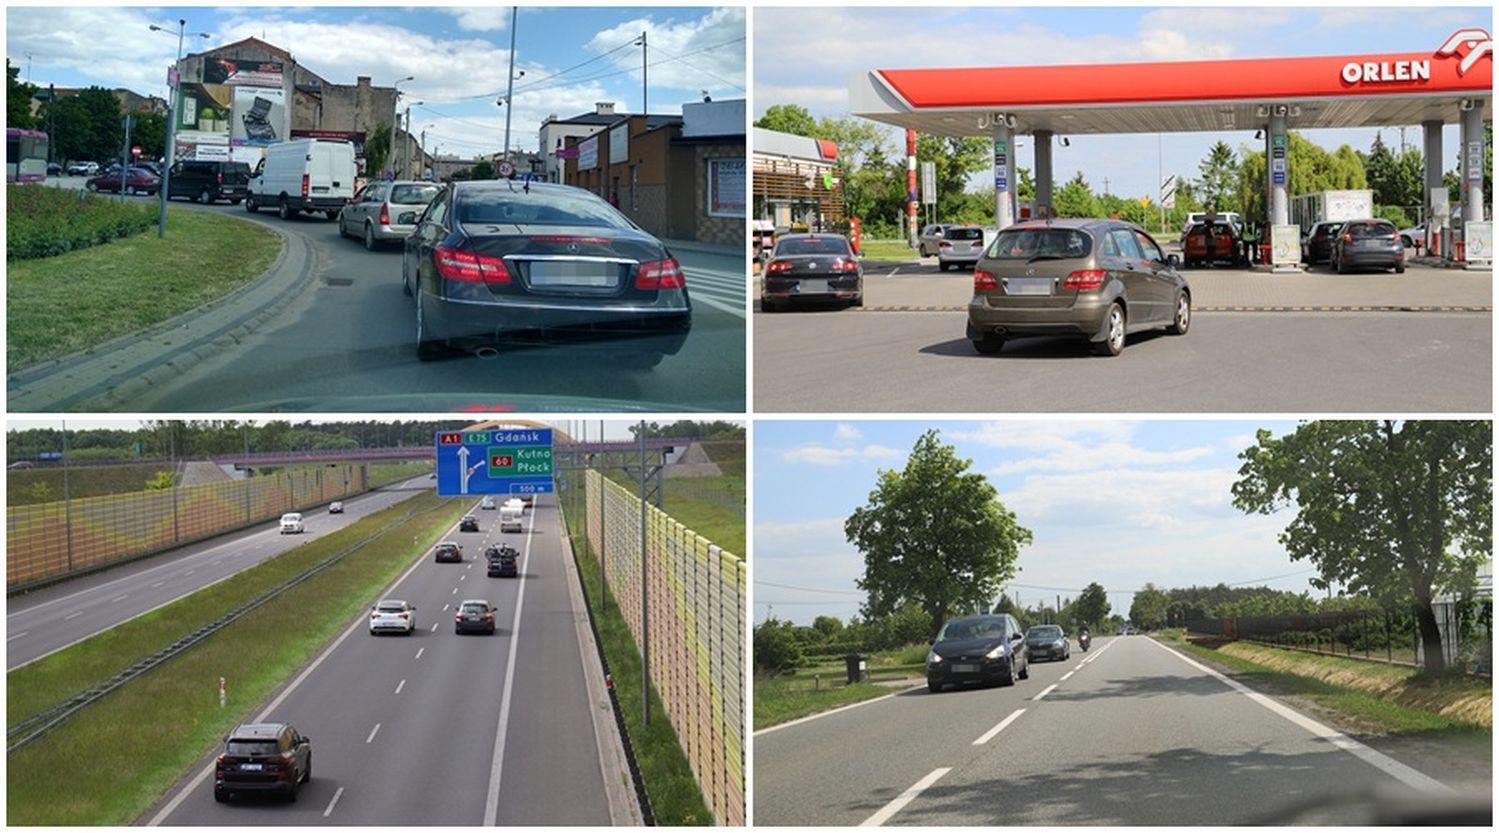 Kutnianie wyjeżdżają na długi weekend. Jaka sytuacja na drogach w mieście i okolicach? [ZDJĘCIA] - Zdjęcie główne